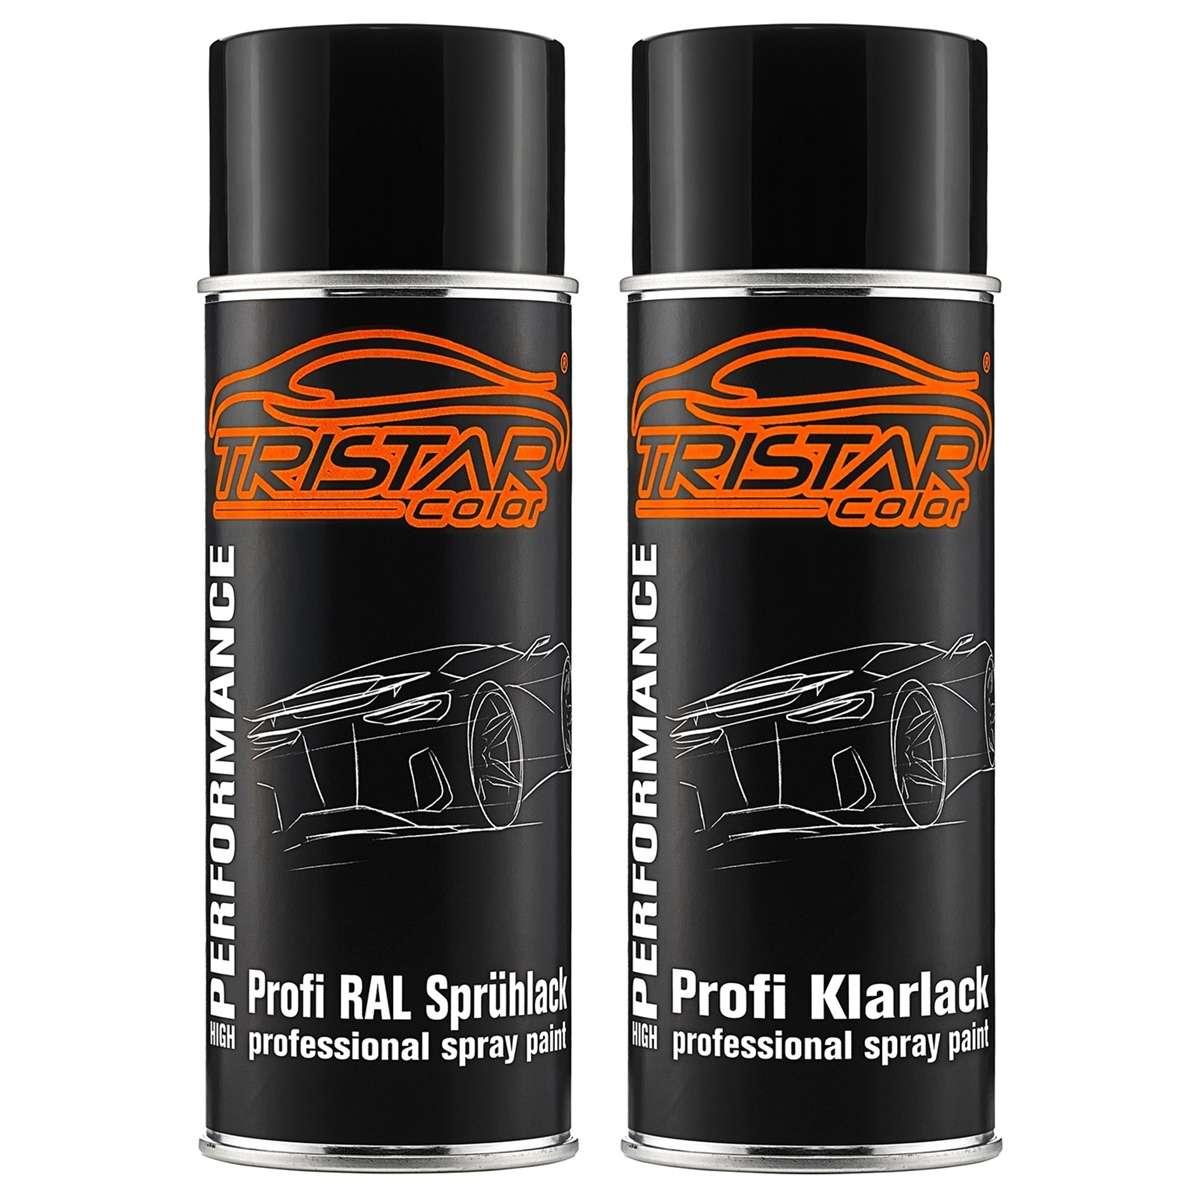 ral 6035 perlgruen perl spraydose - alle glanzgrade / varianten